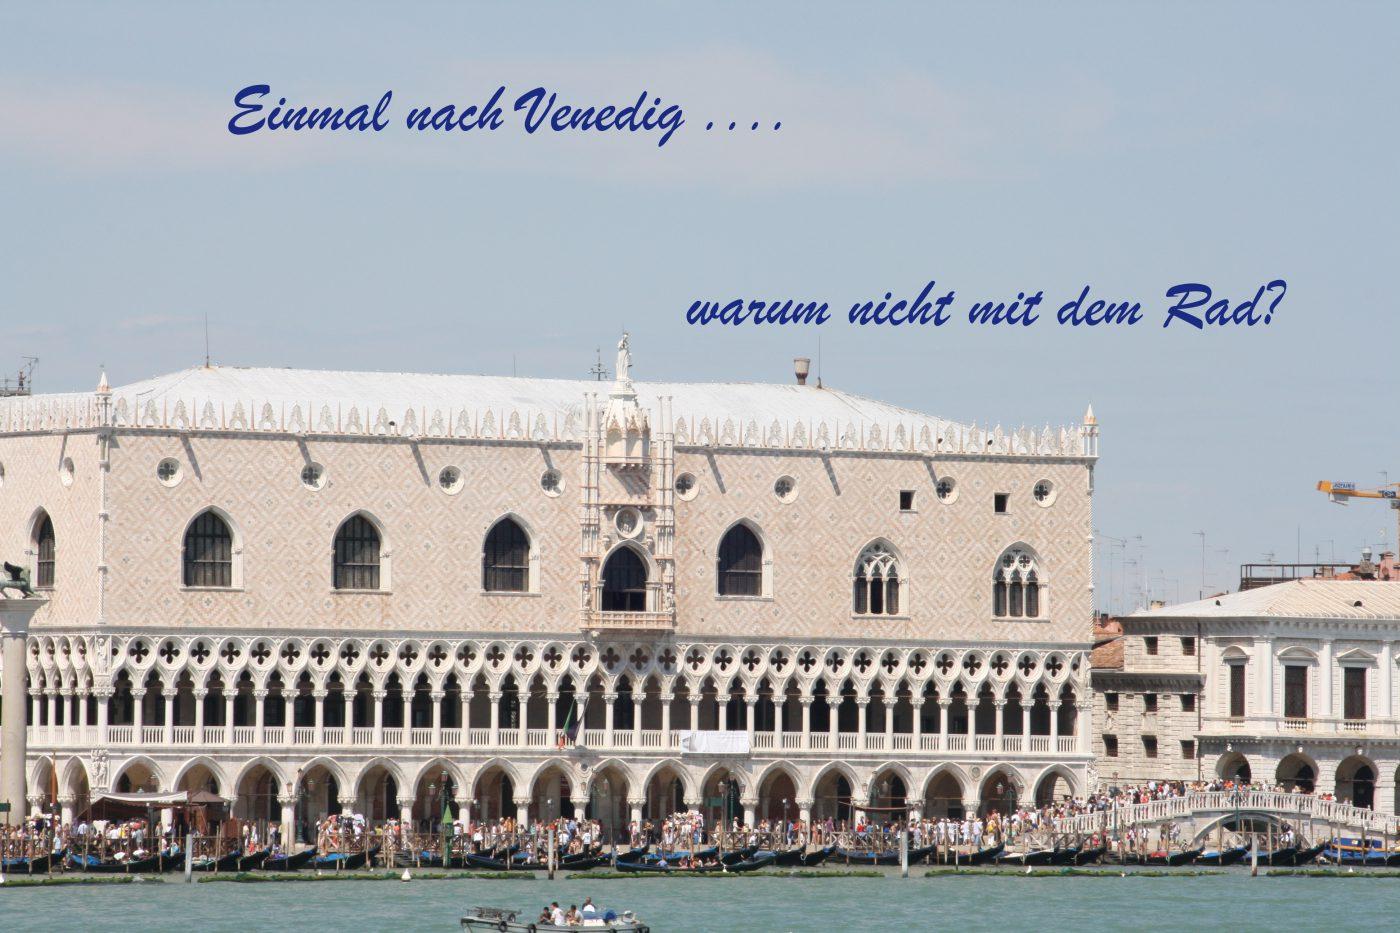 Vom Brenner nach Venedig, mit dem Rad 1. Teil 1